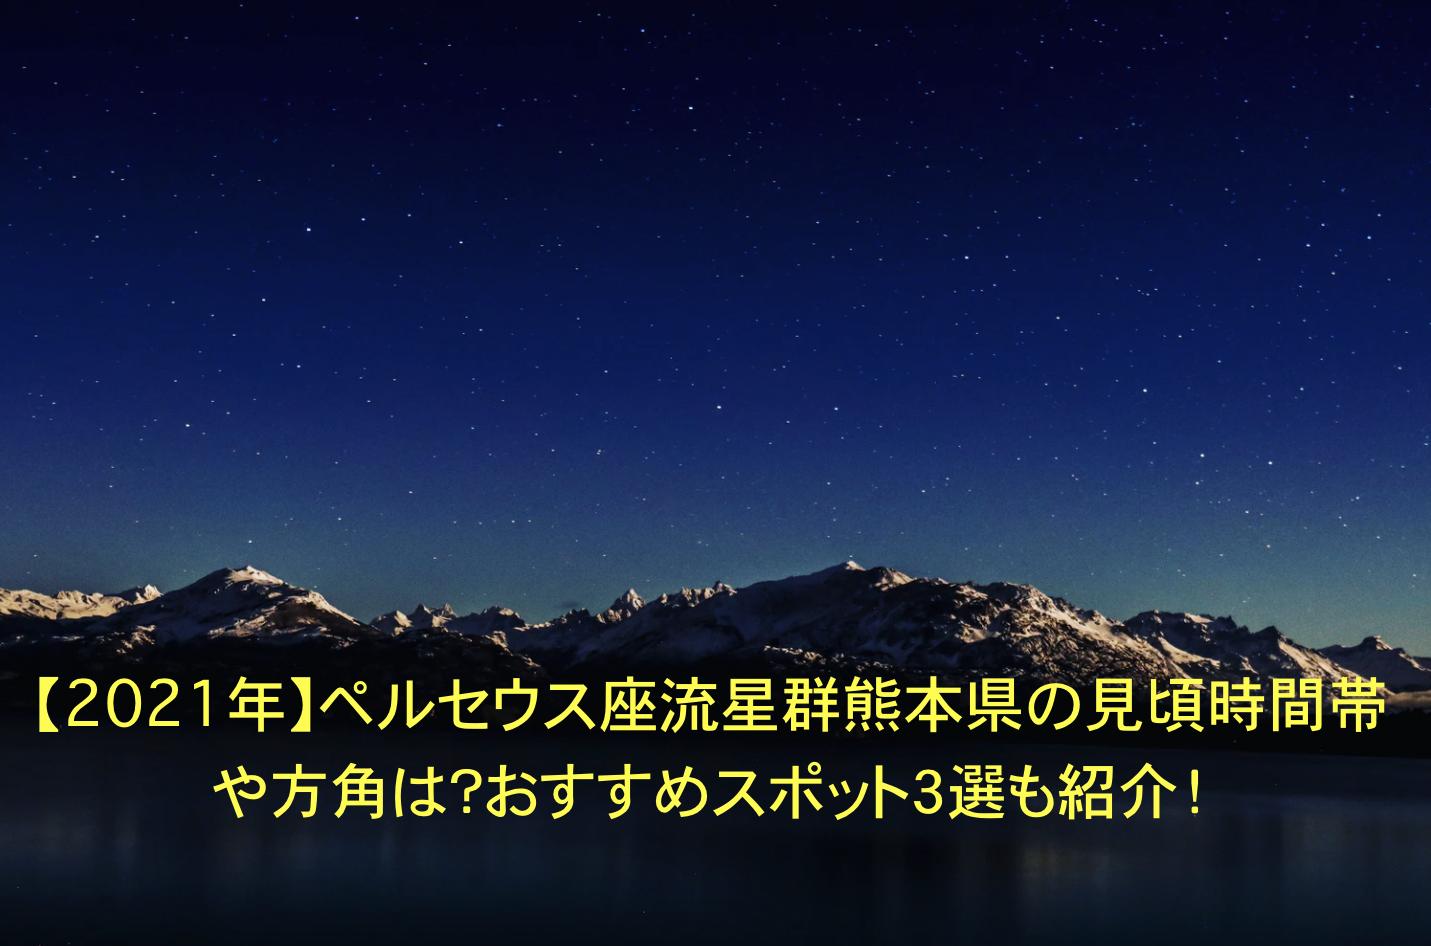 ペルセウス座流星群 熊本県 見頃時間帯 方角 おすすめスポット